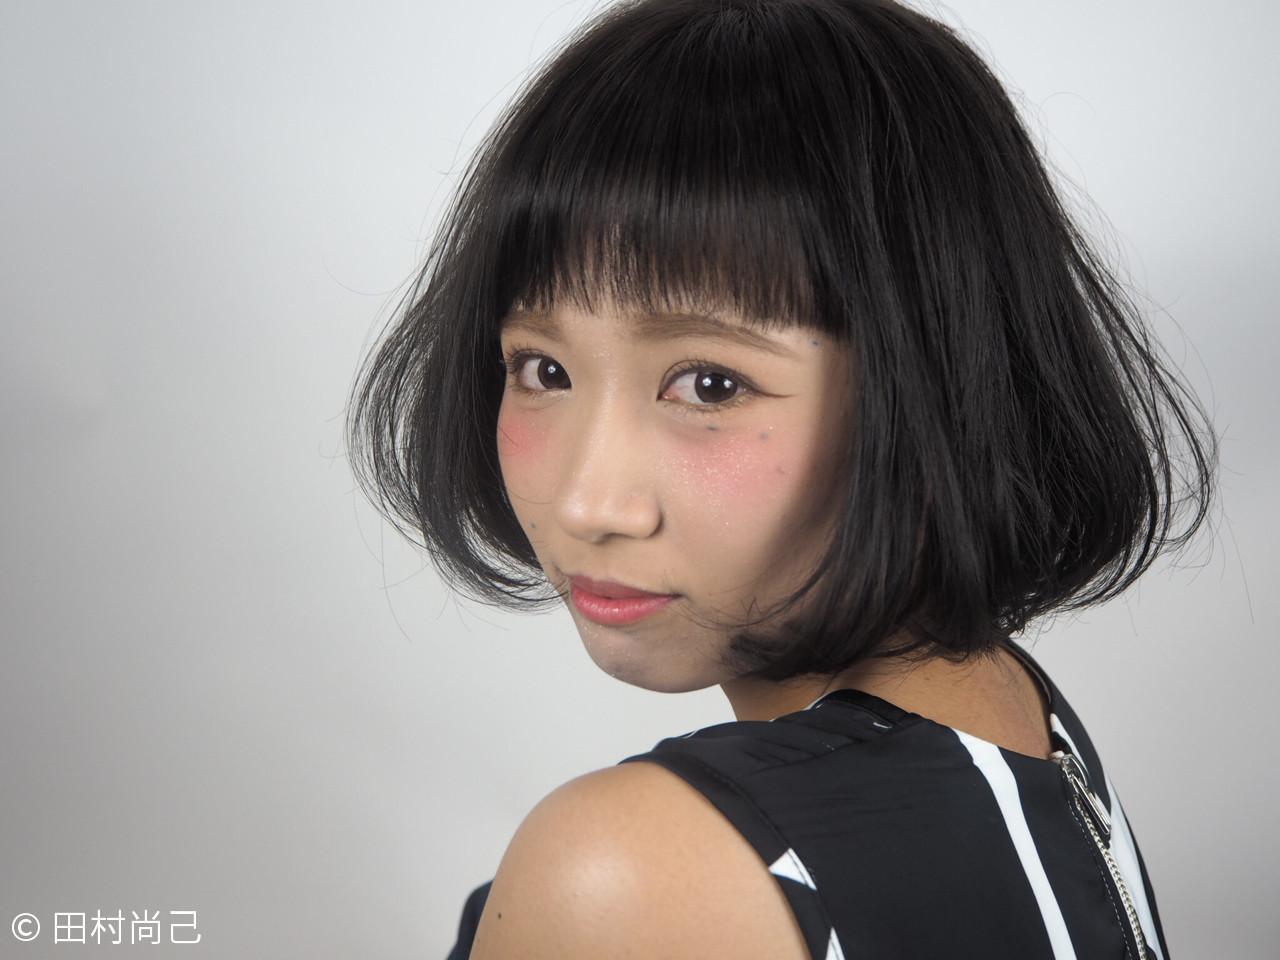 目指したいのは海外セレブの髪型!頭の形がきれいに見える外国人風ショート 田村尚己  仁インターナショナル ボンド アライブ